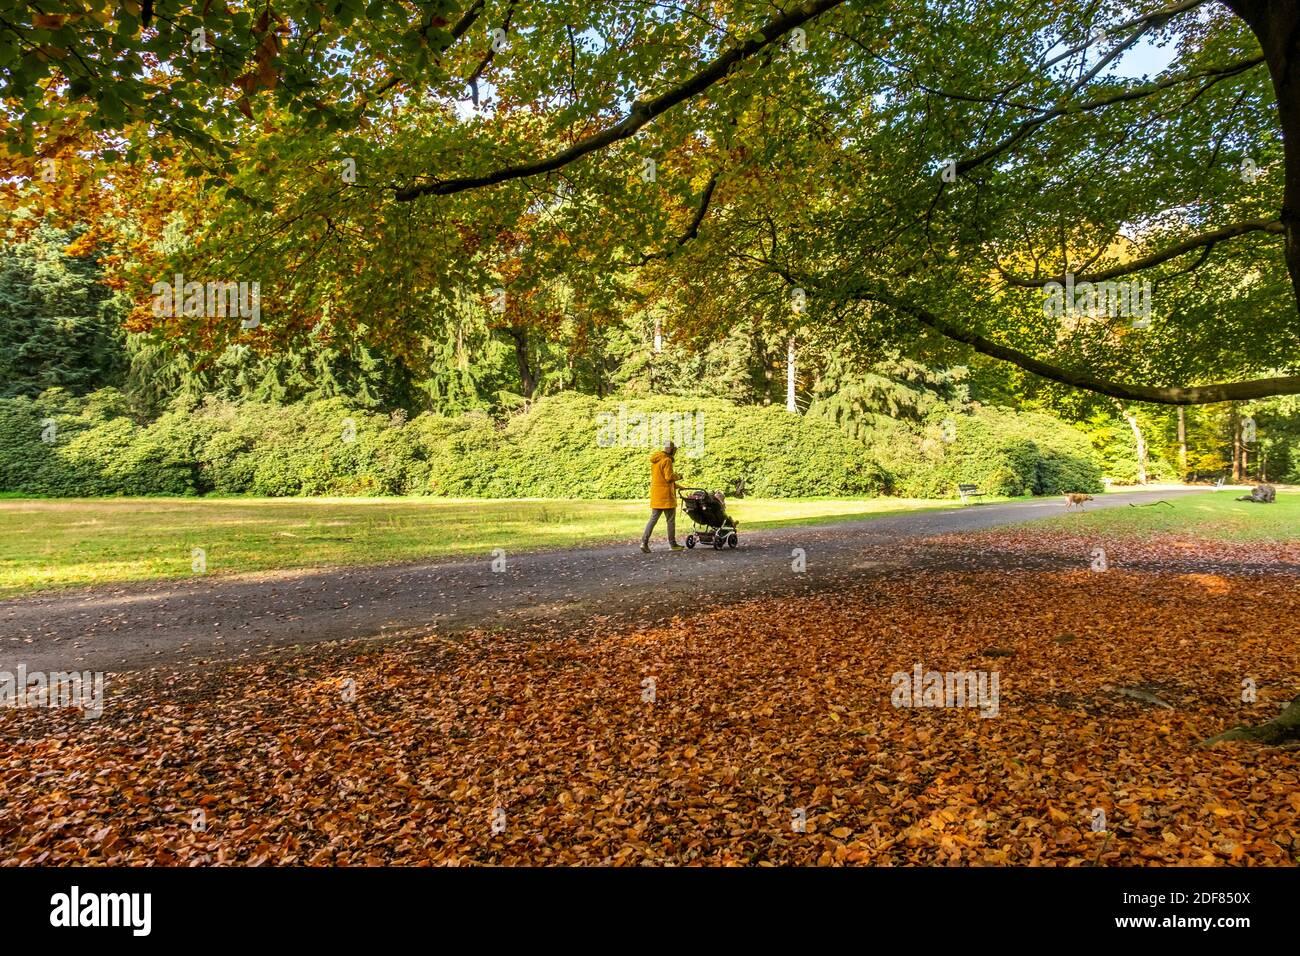 Mujer con buggy caminando a su perro en un colorido bosque otoñal en los países Bajos, Europa. Foto de stock